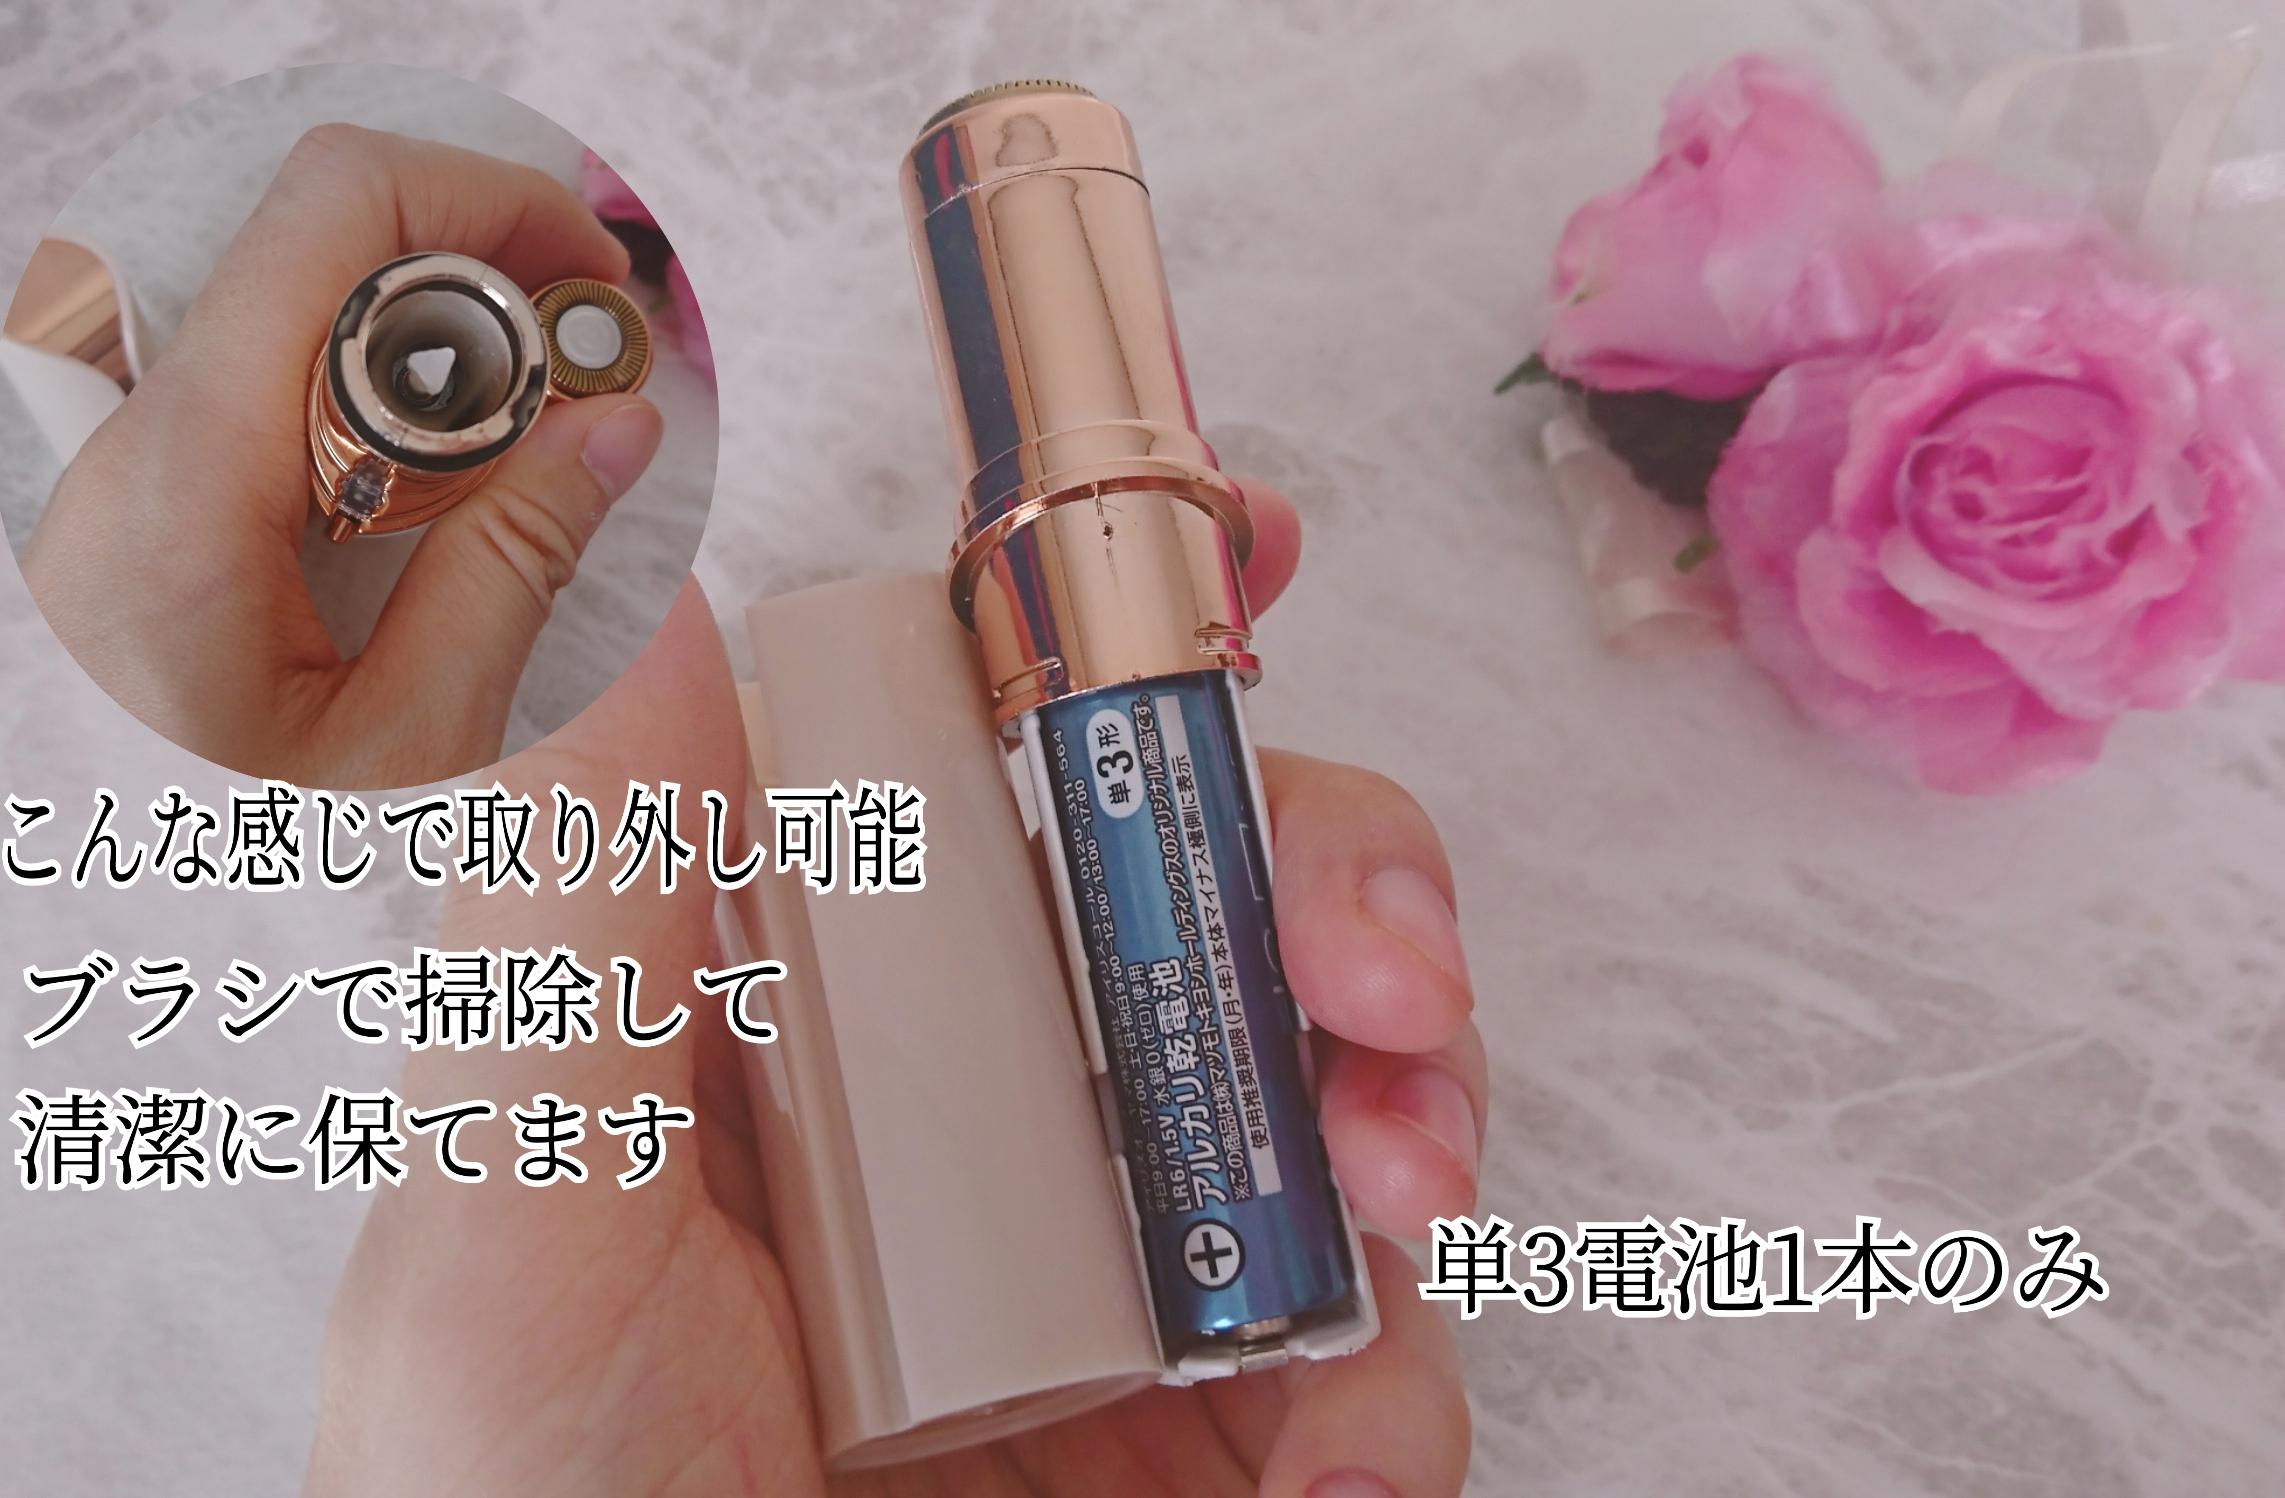 ピカフェイスフェイスシェーバーを使ったYuKaRi♡さんのクチコミ画像4